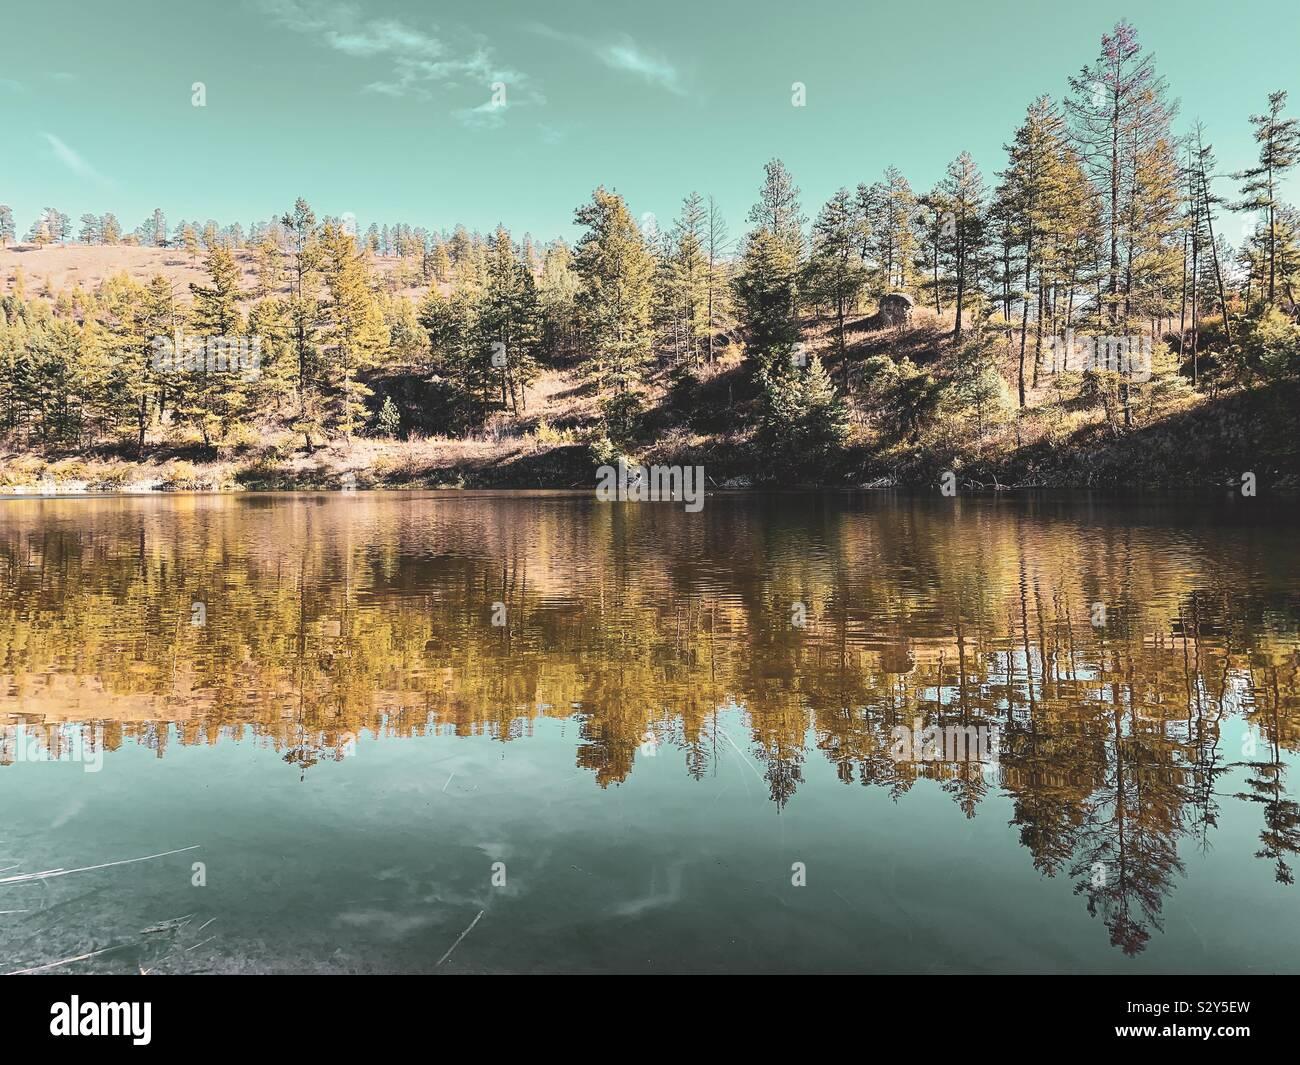 Herbst Landschaft mit Bäumen und Sky im See widerspiegeln. Stockfoto